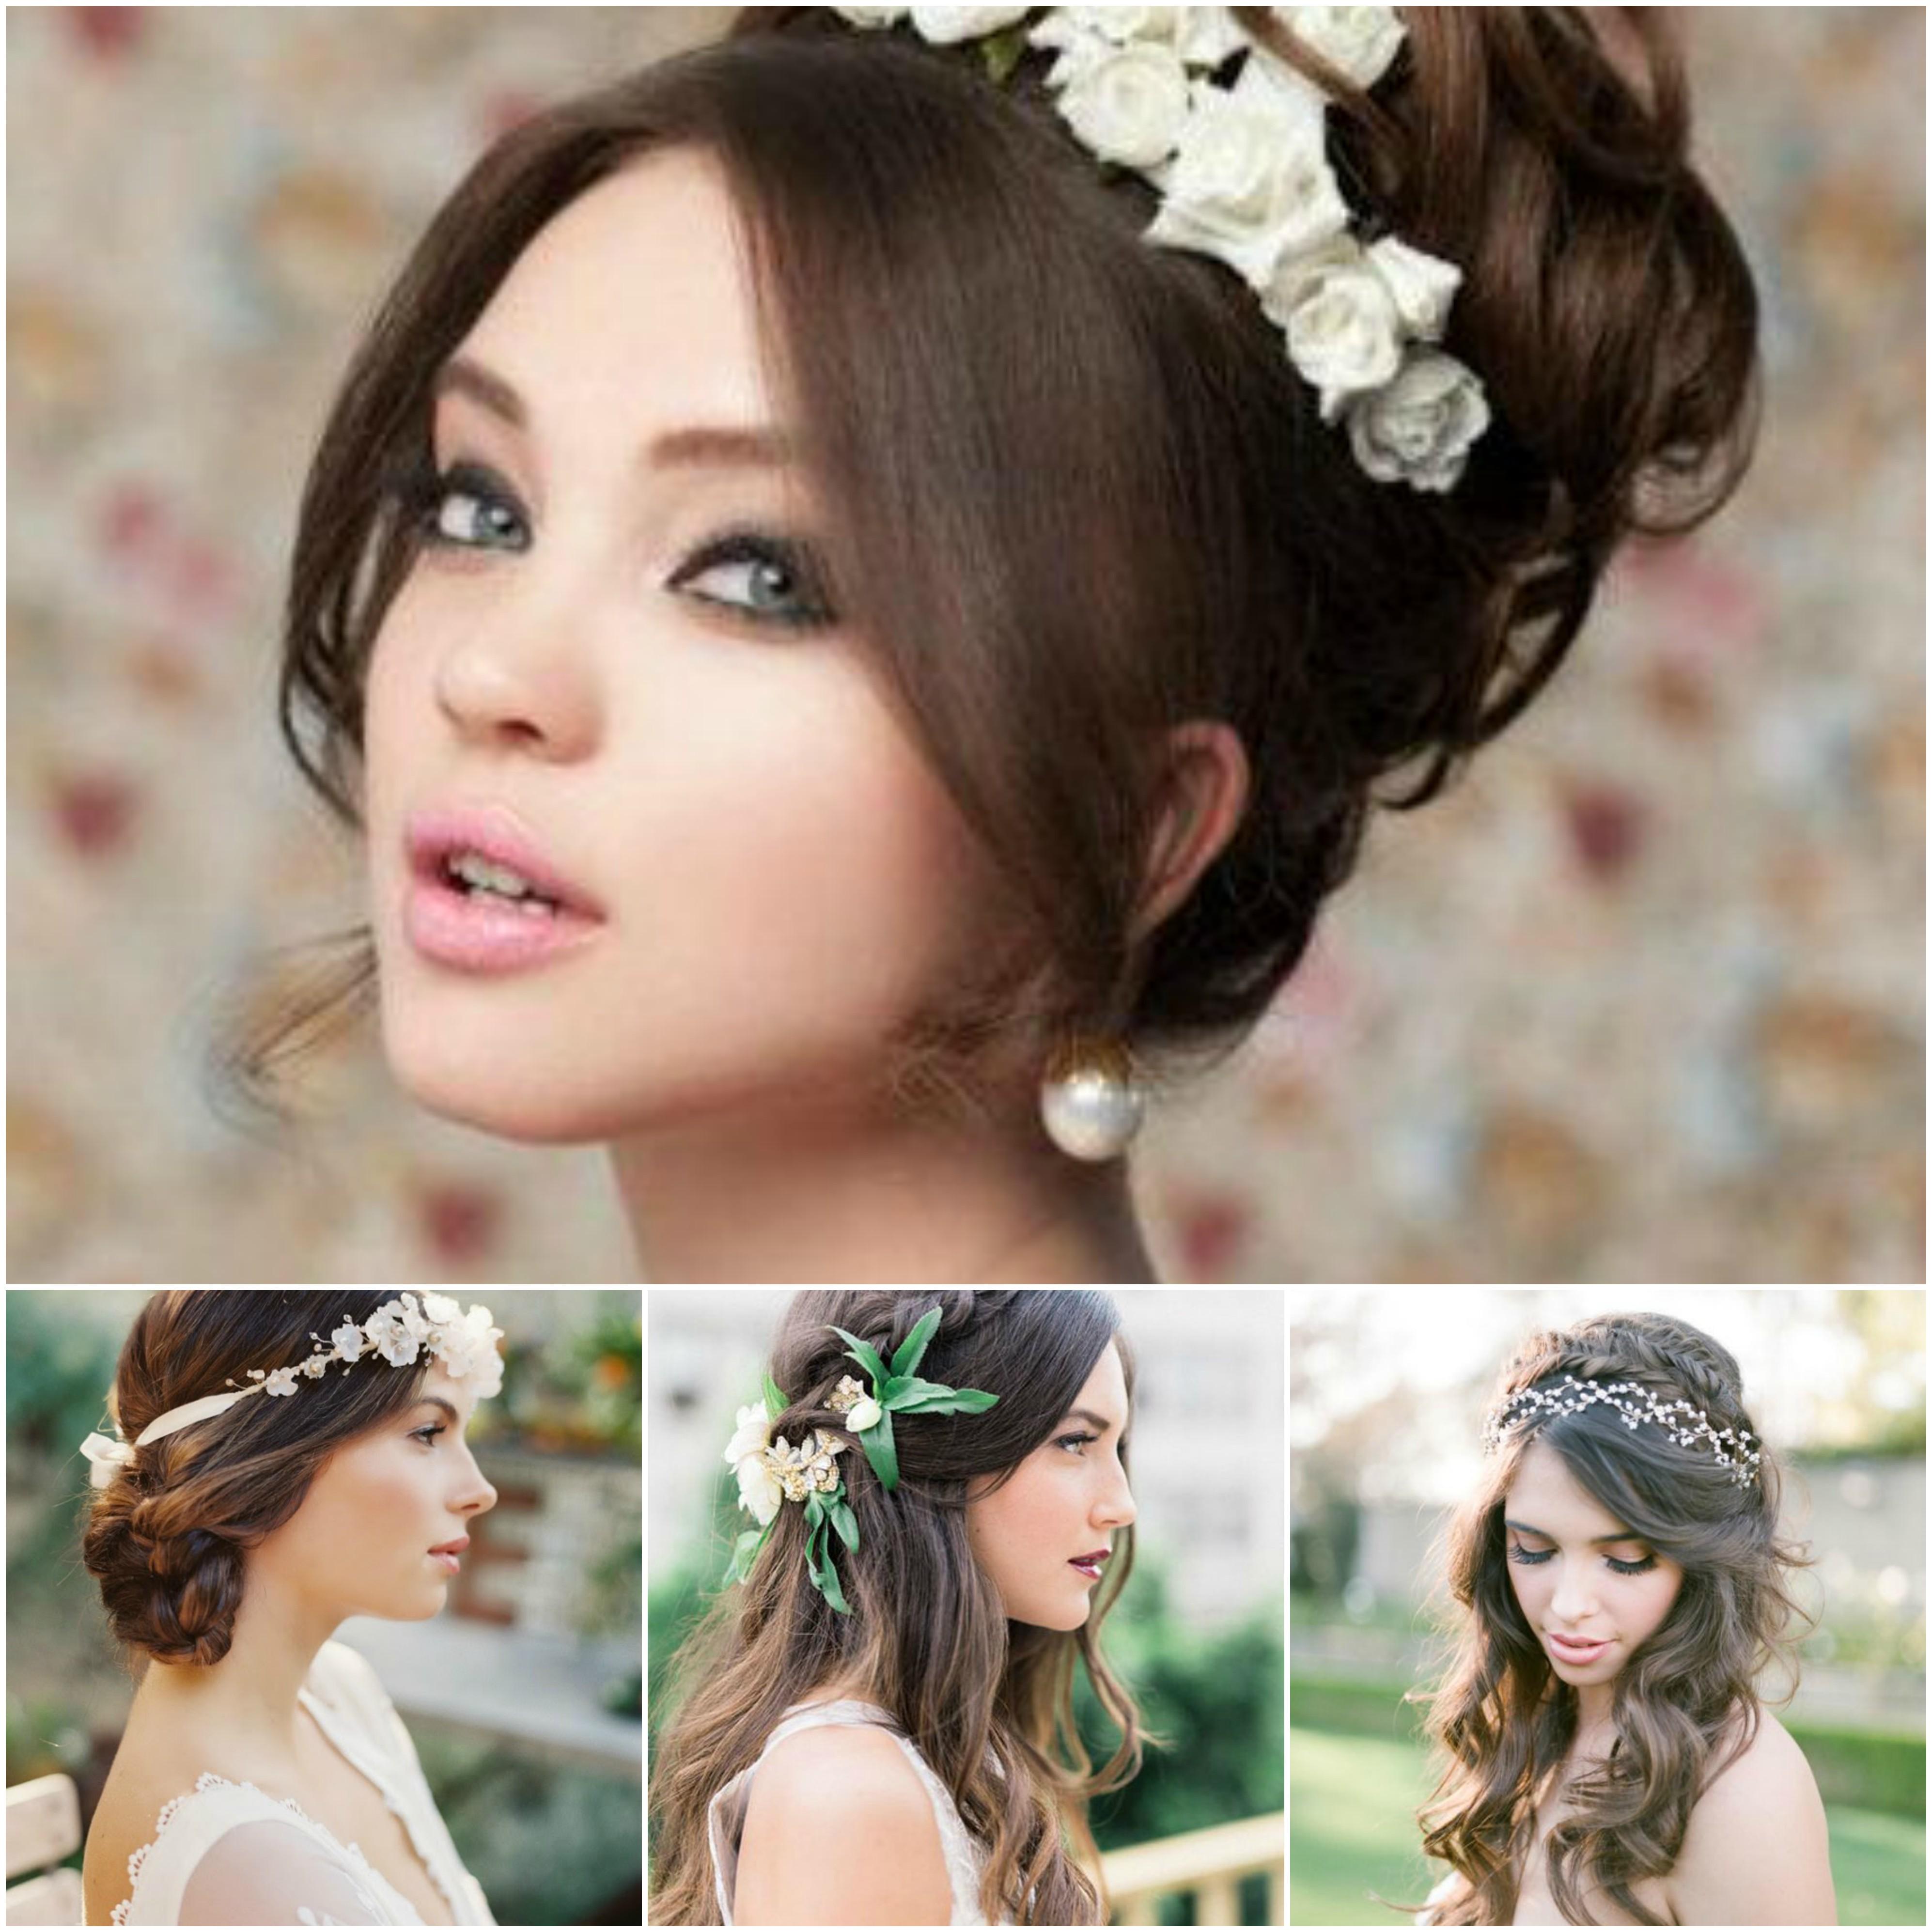 Peinados_y_maquillaje_para_quinceañeras